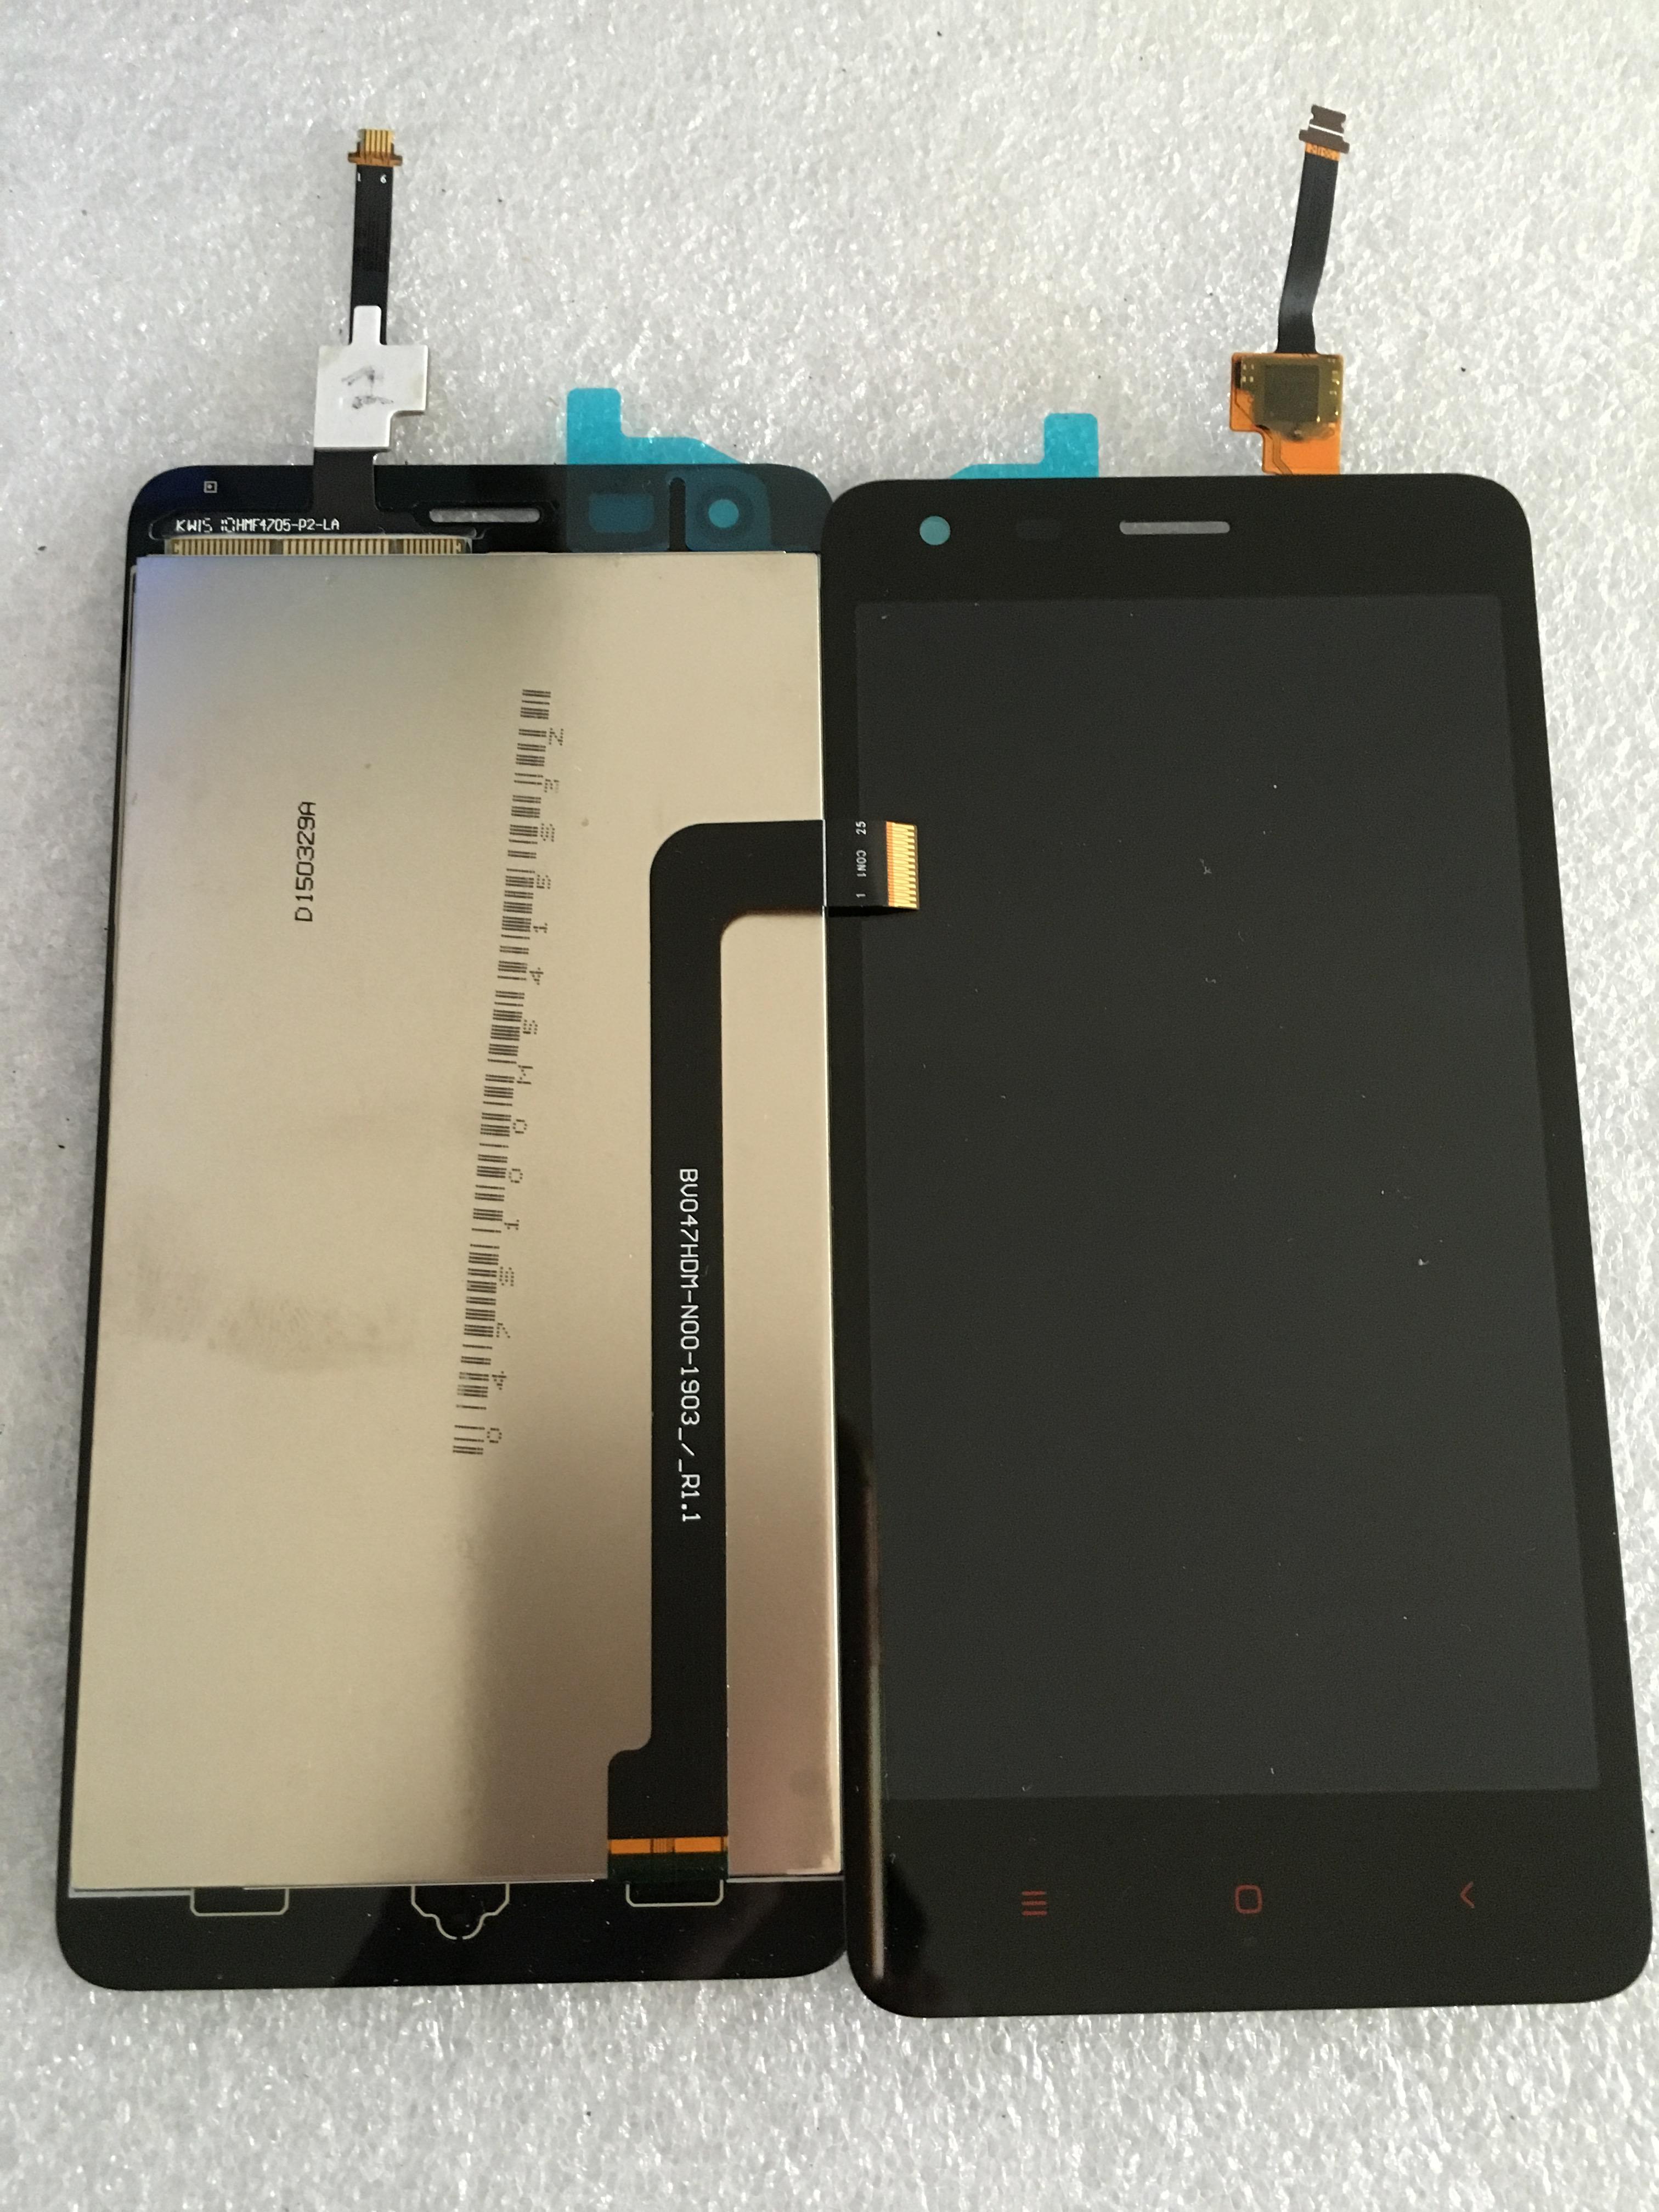 天津回收苹果X喇叭7P电池手机配件卡托求购现金